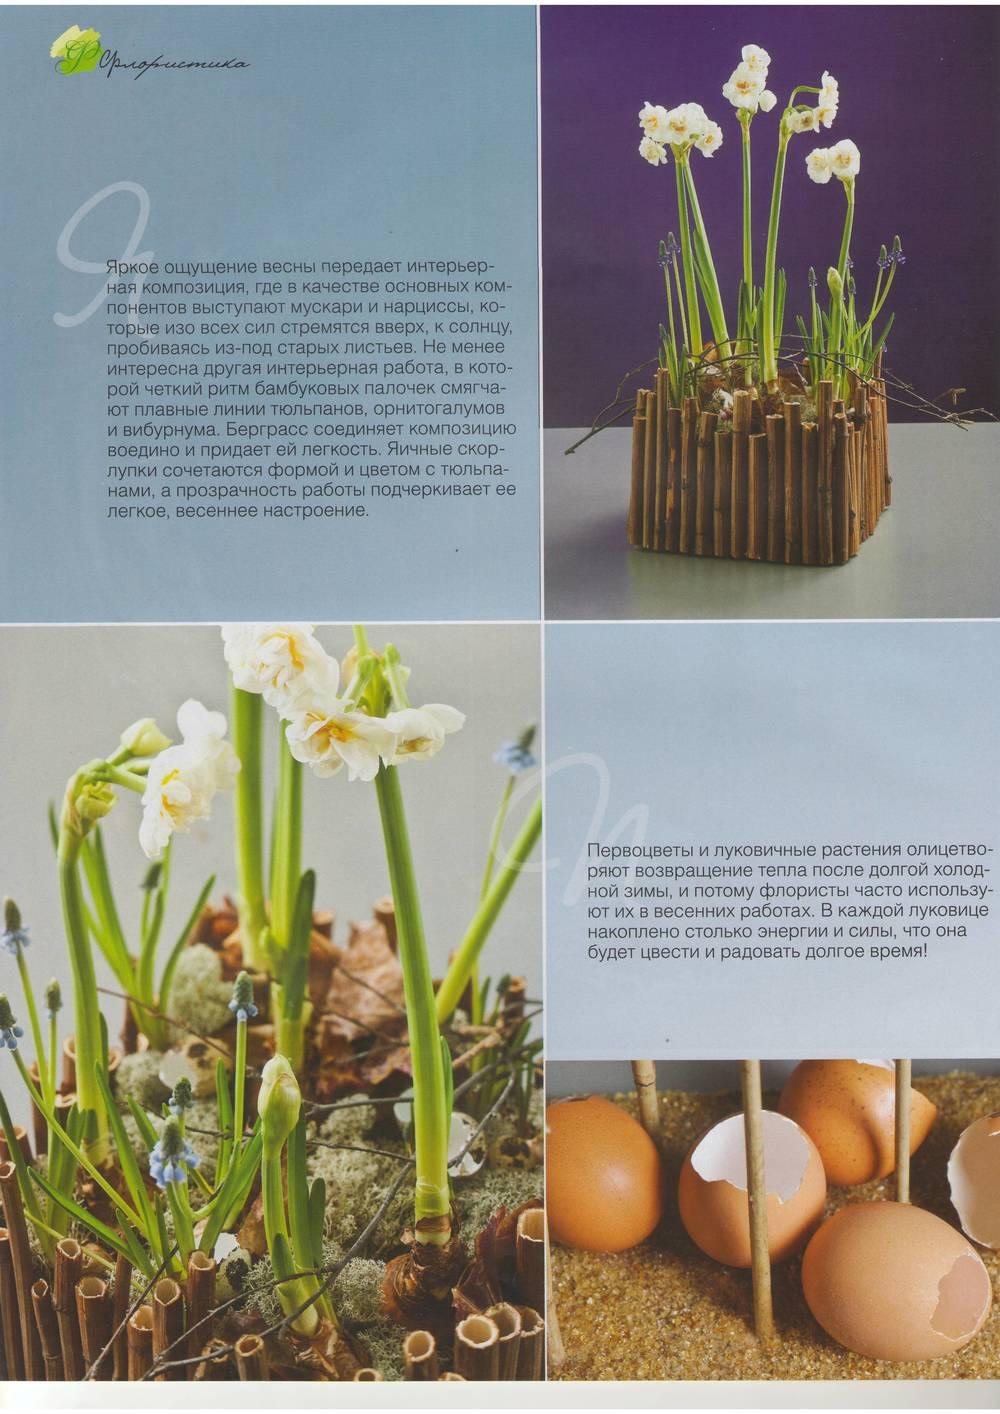 Цветы 04 2011-03.JPG